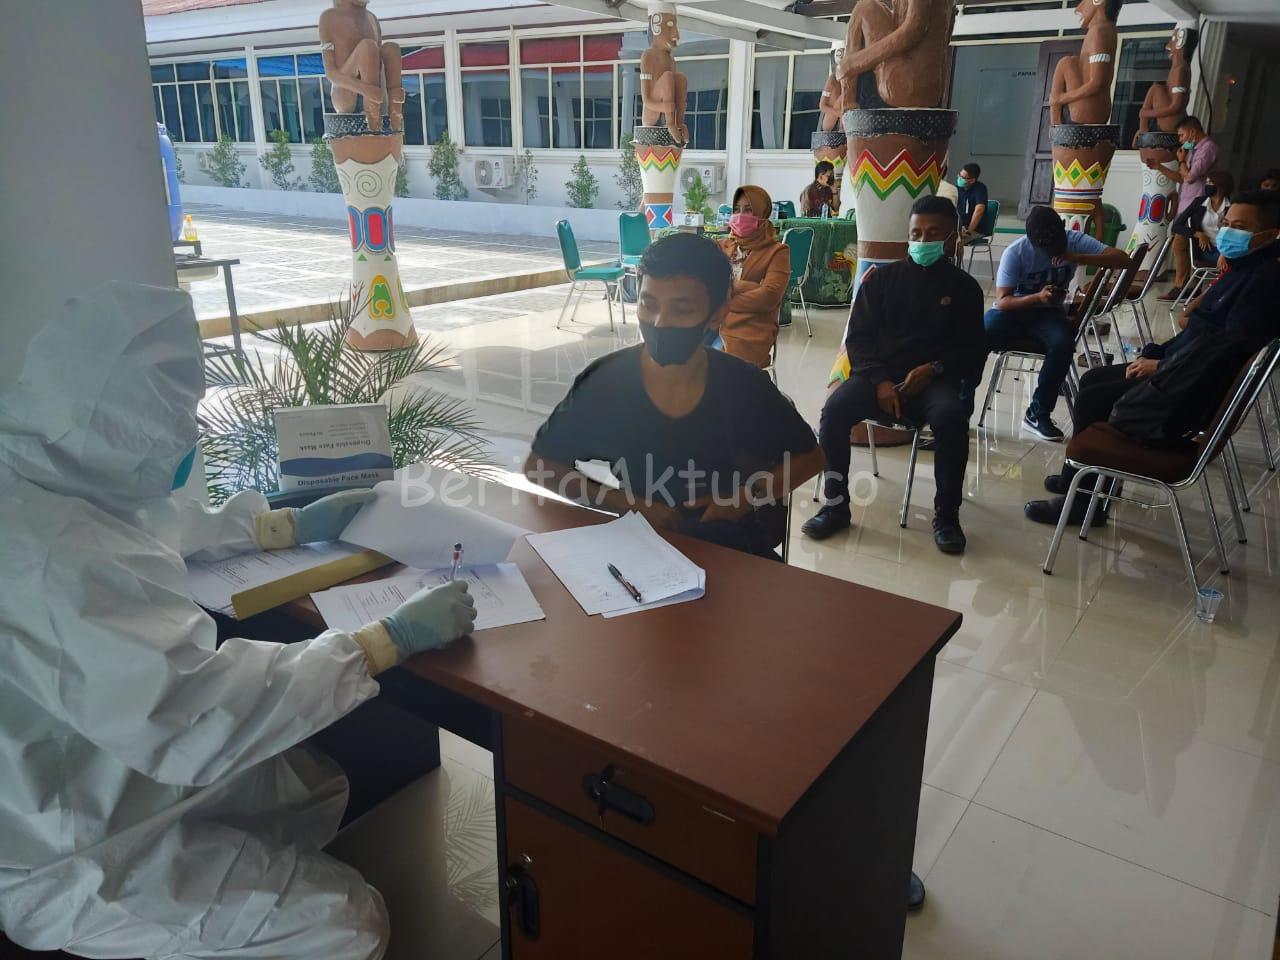 Hari Kedua, Kejati Papua Barat Buka Pemeriksaan Swab Gratis Untuk Masyarakat 3 IMG 20200612 WA0033